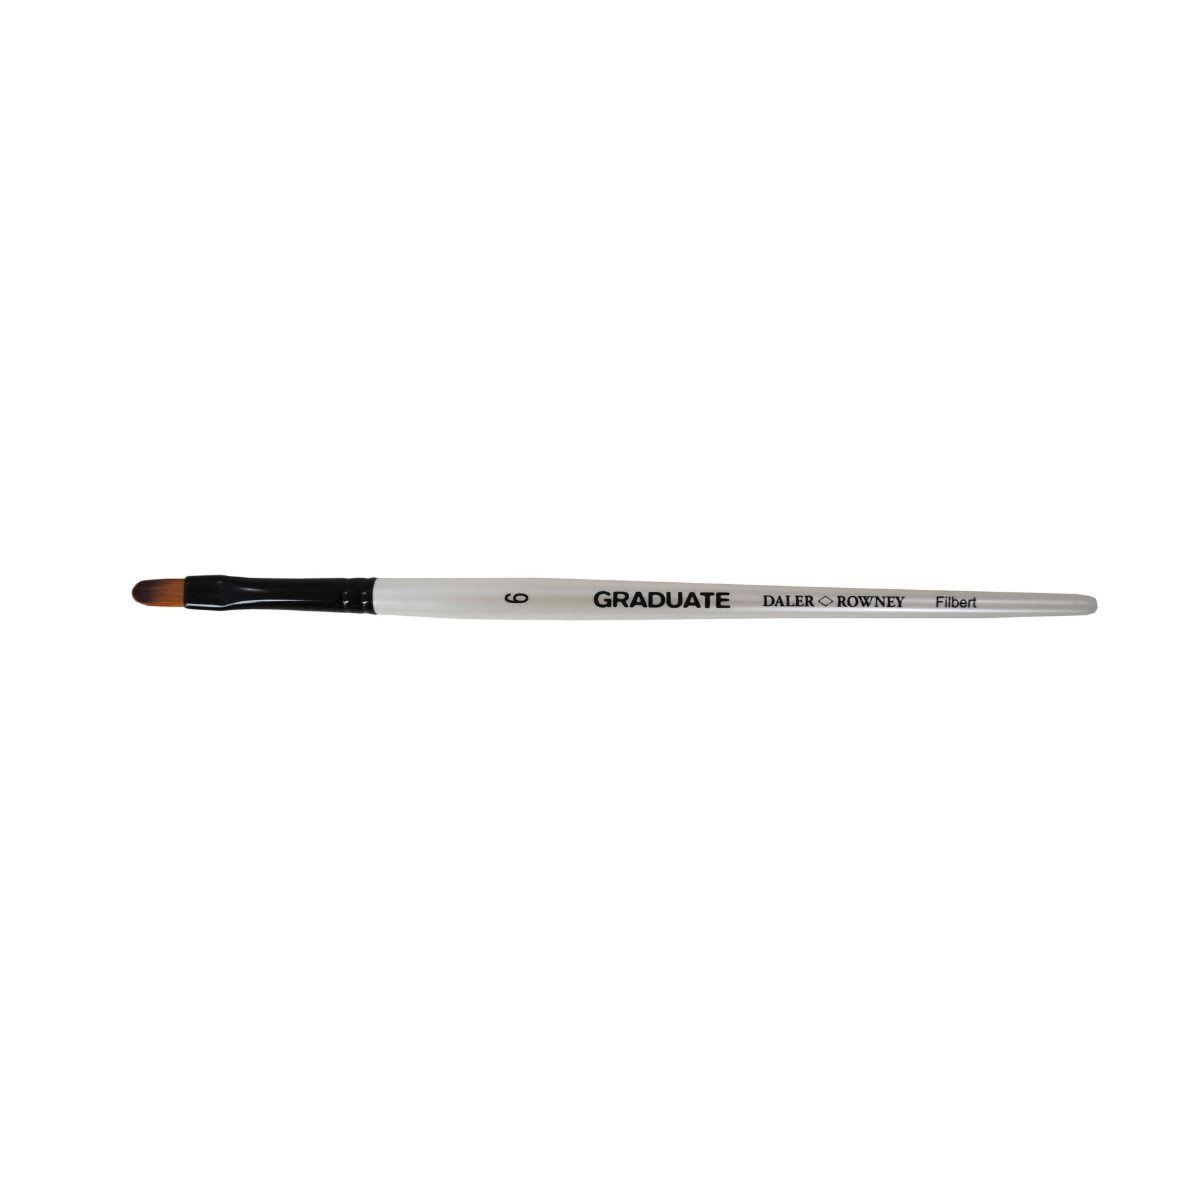 Daler Rowney Graduate Brush Filbert 6